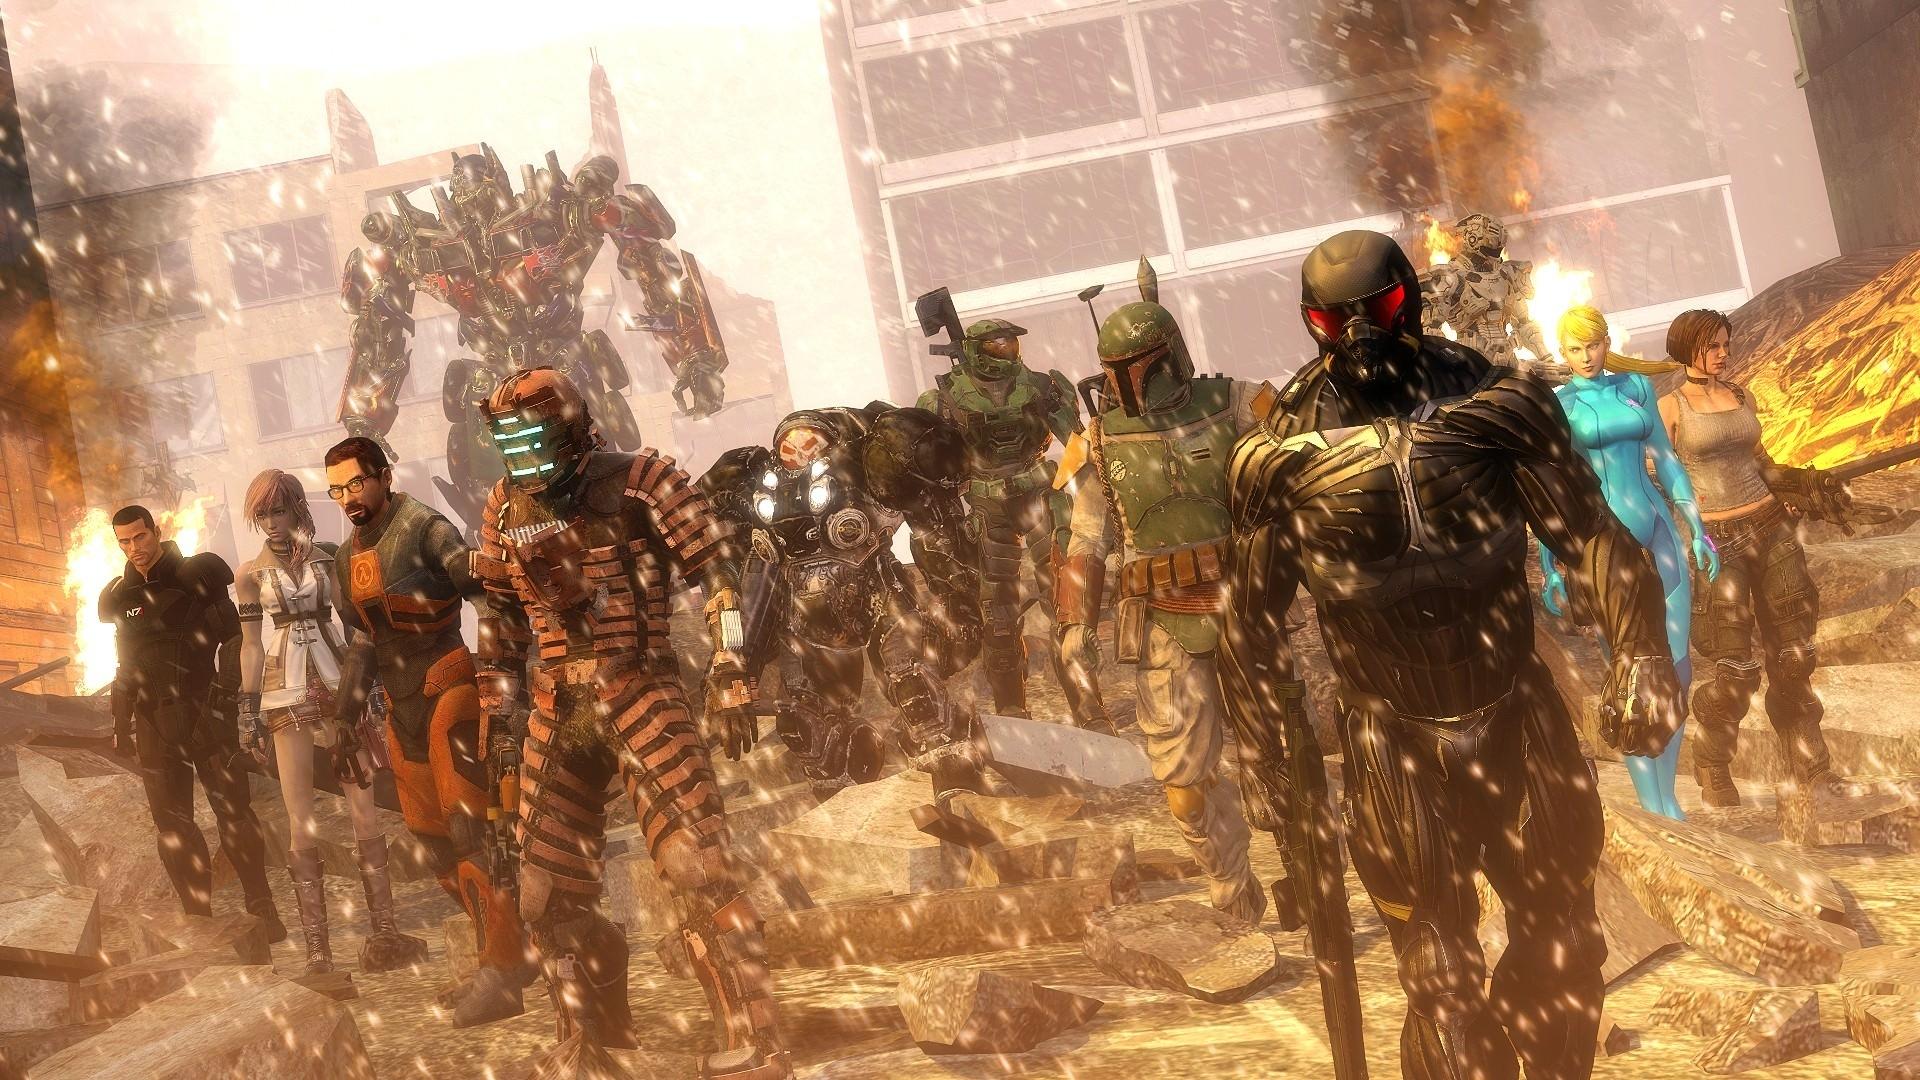 epic gaming heroes wallpaper | digitalart.io